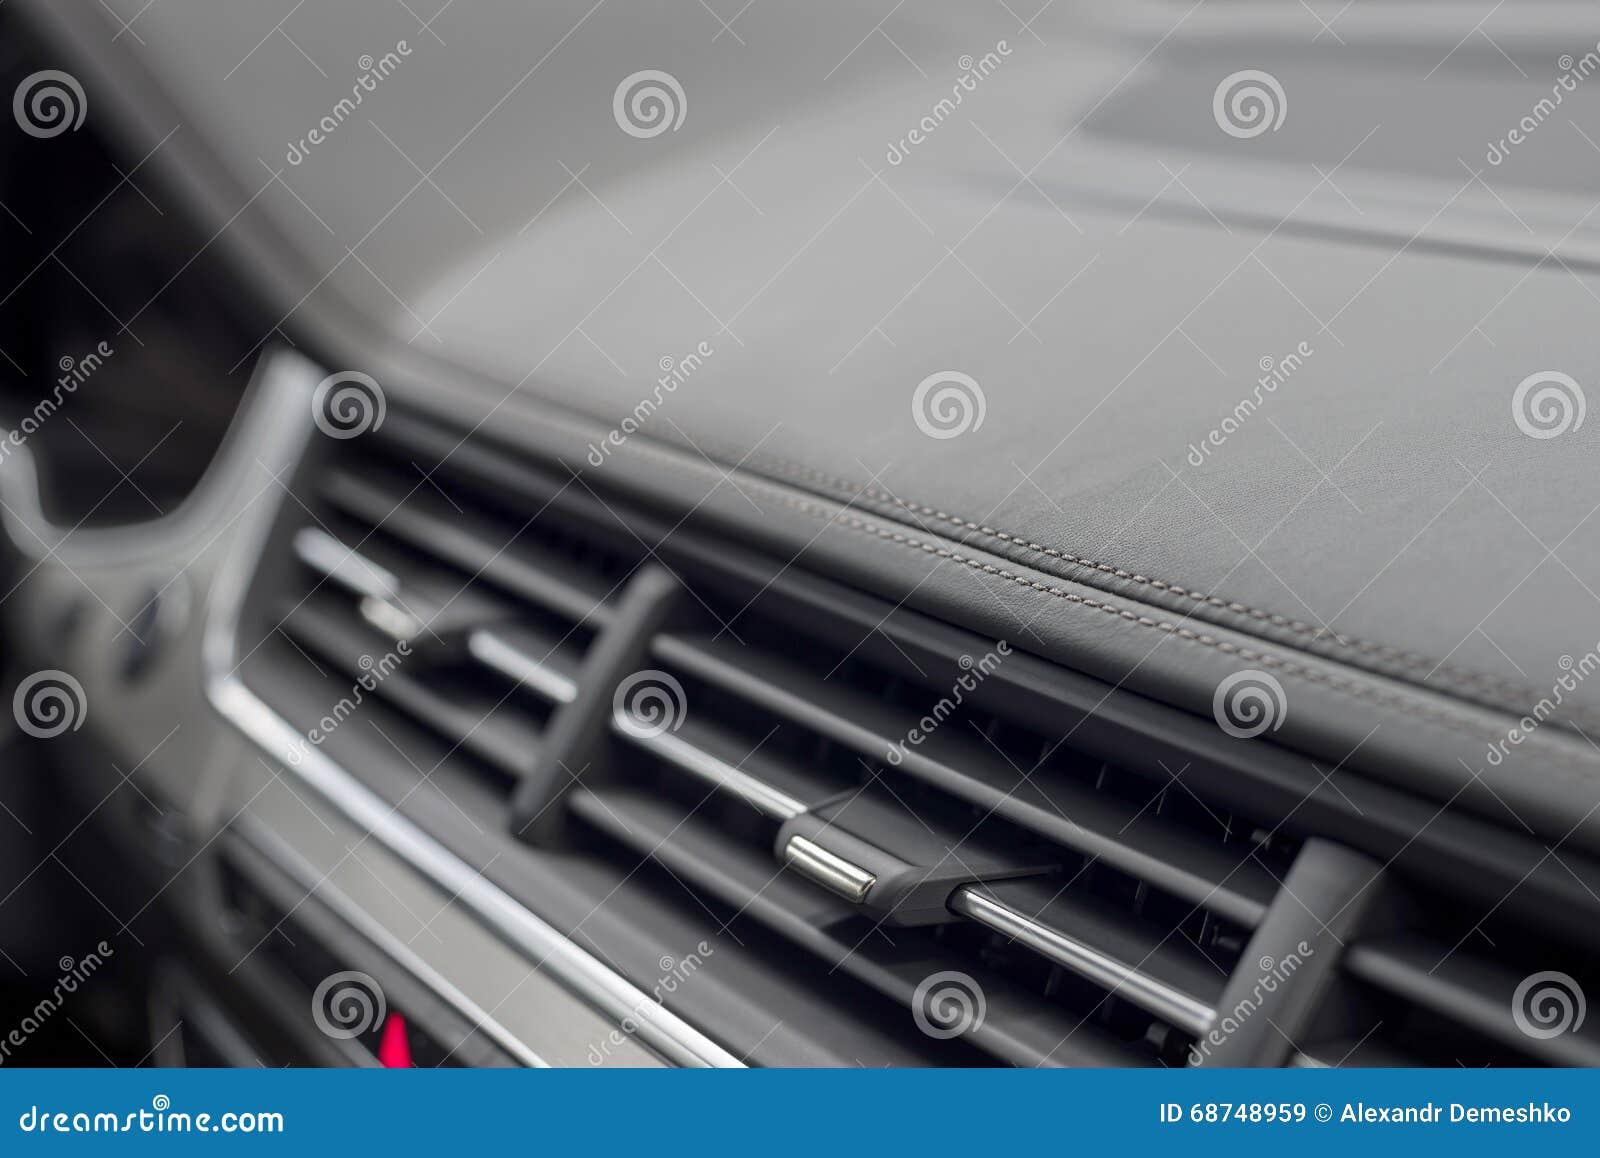 Λεπτομέρεια ταμπλό αυτοκινήτων